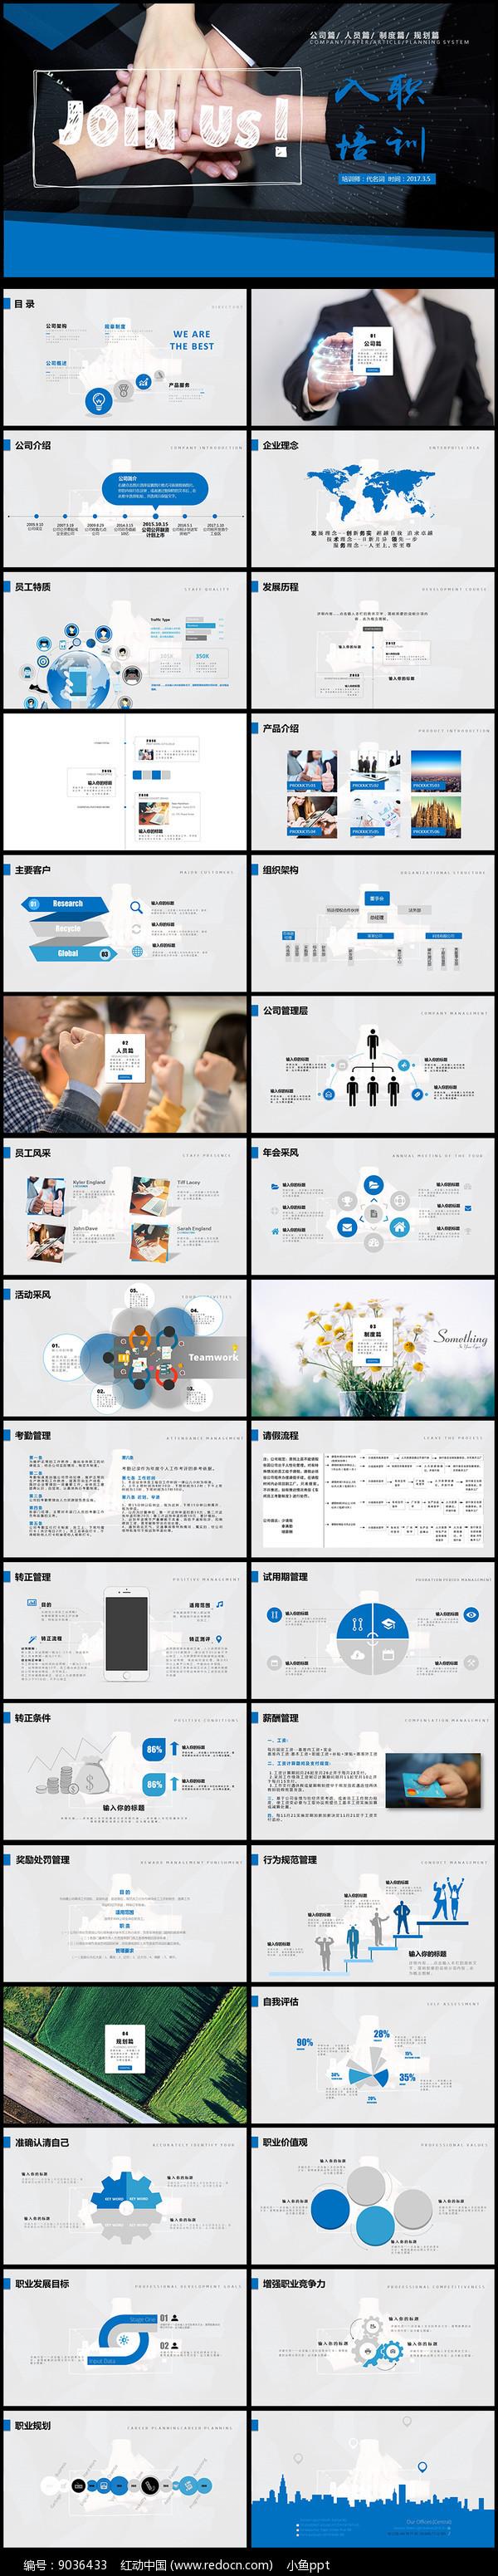 新员工入职培训手册PPT模板图片